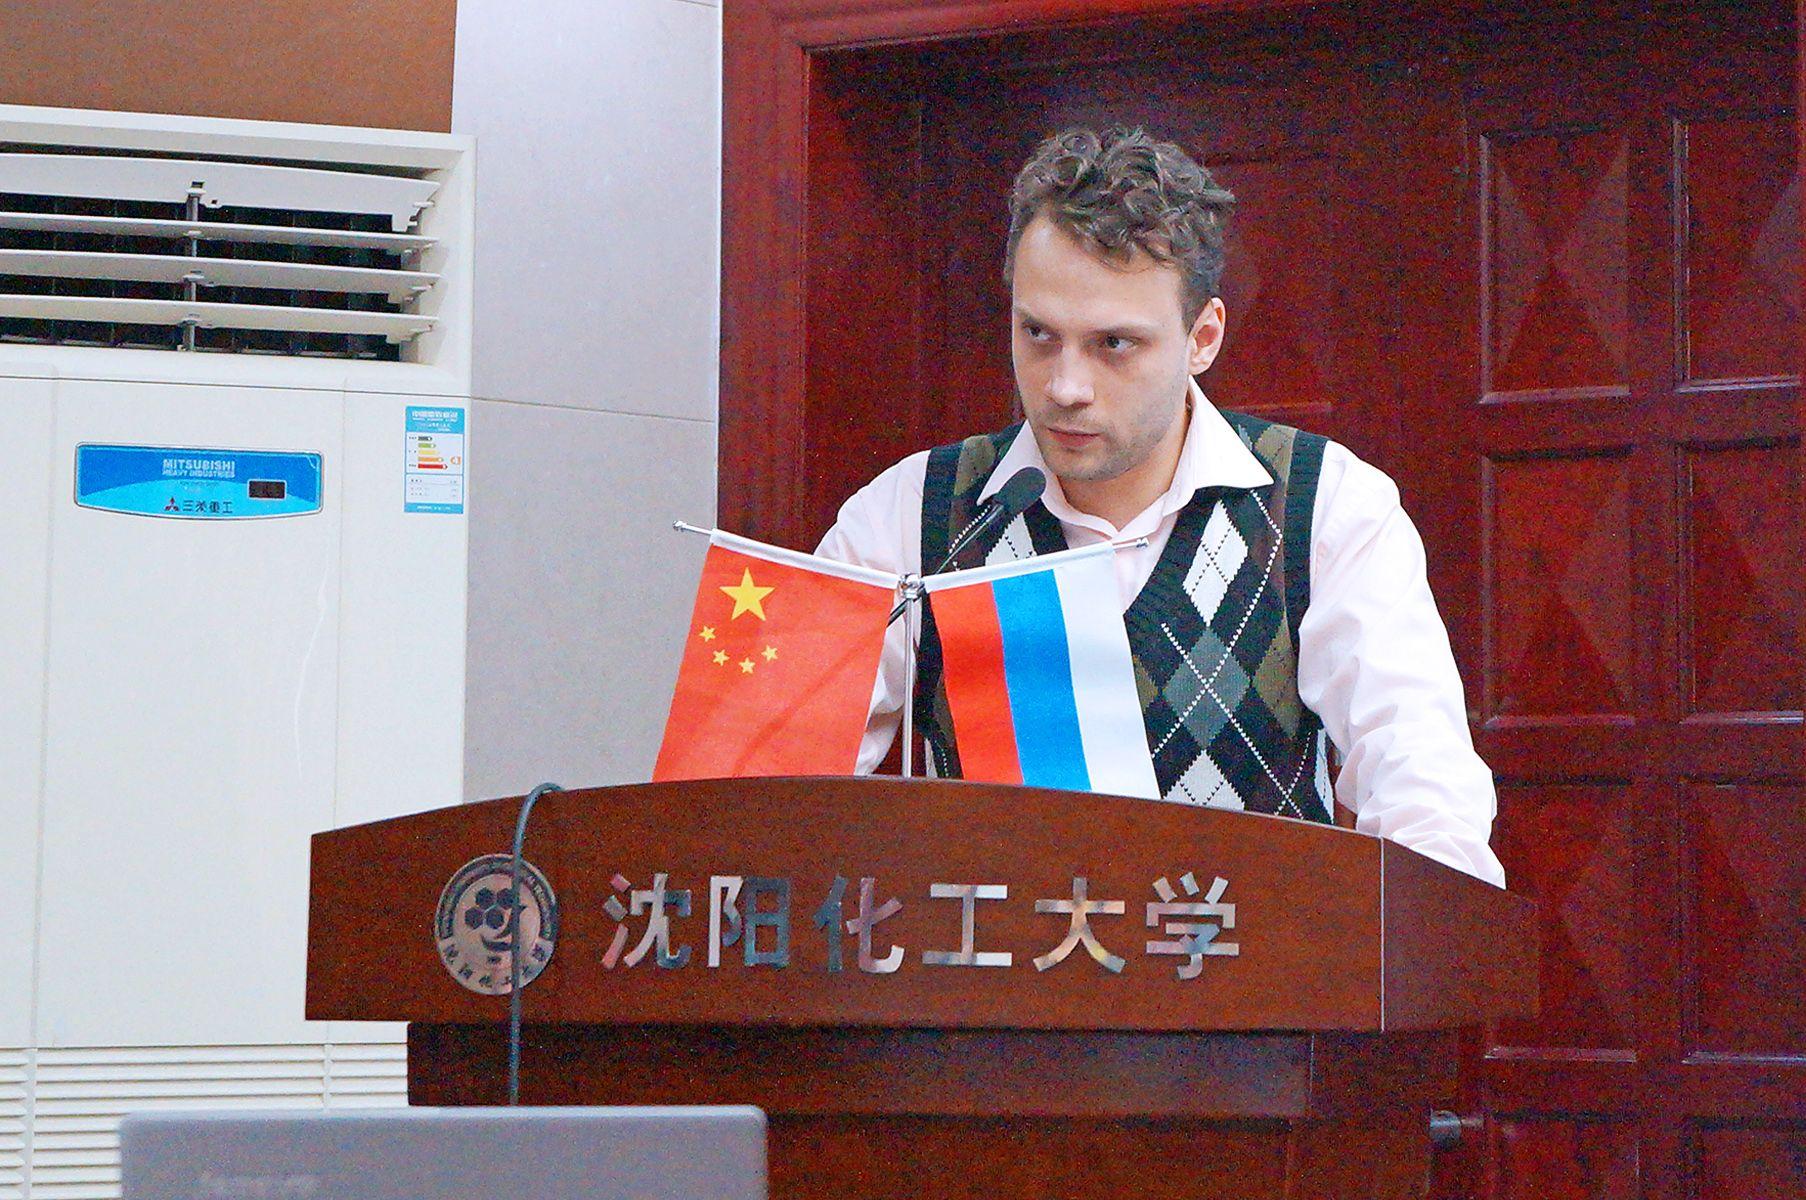 Обеспечение прав инвесторов в условиях цифровизации экономики обсудят во ВГУЭС